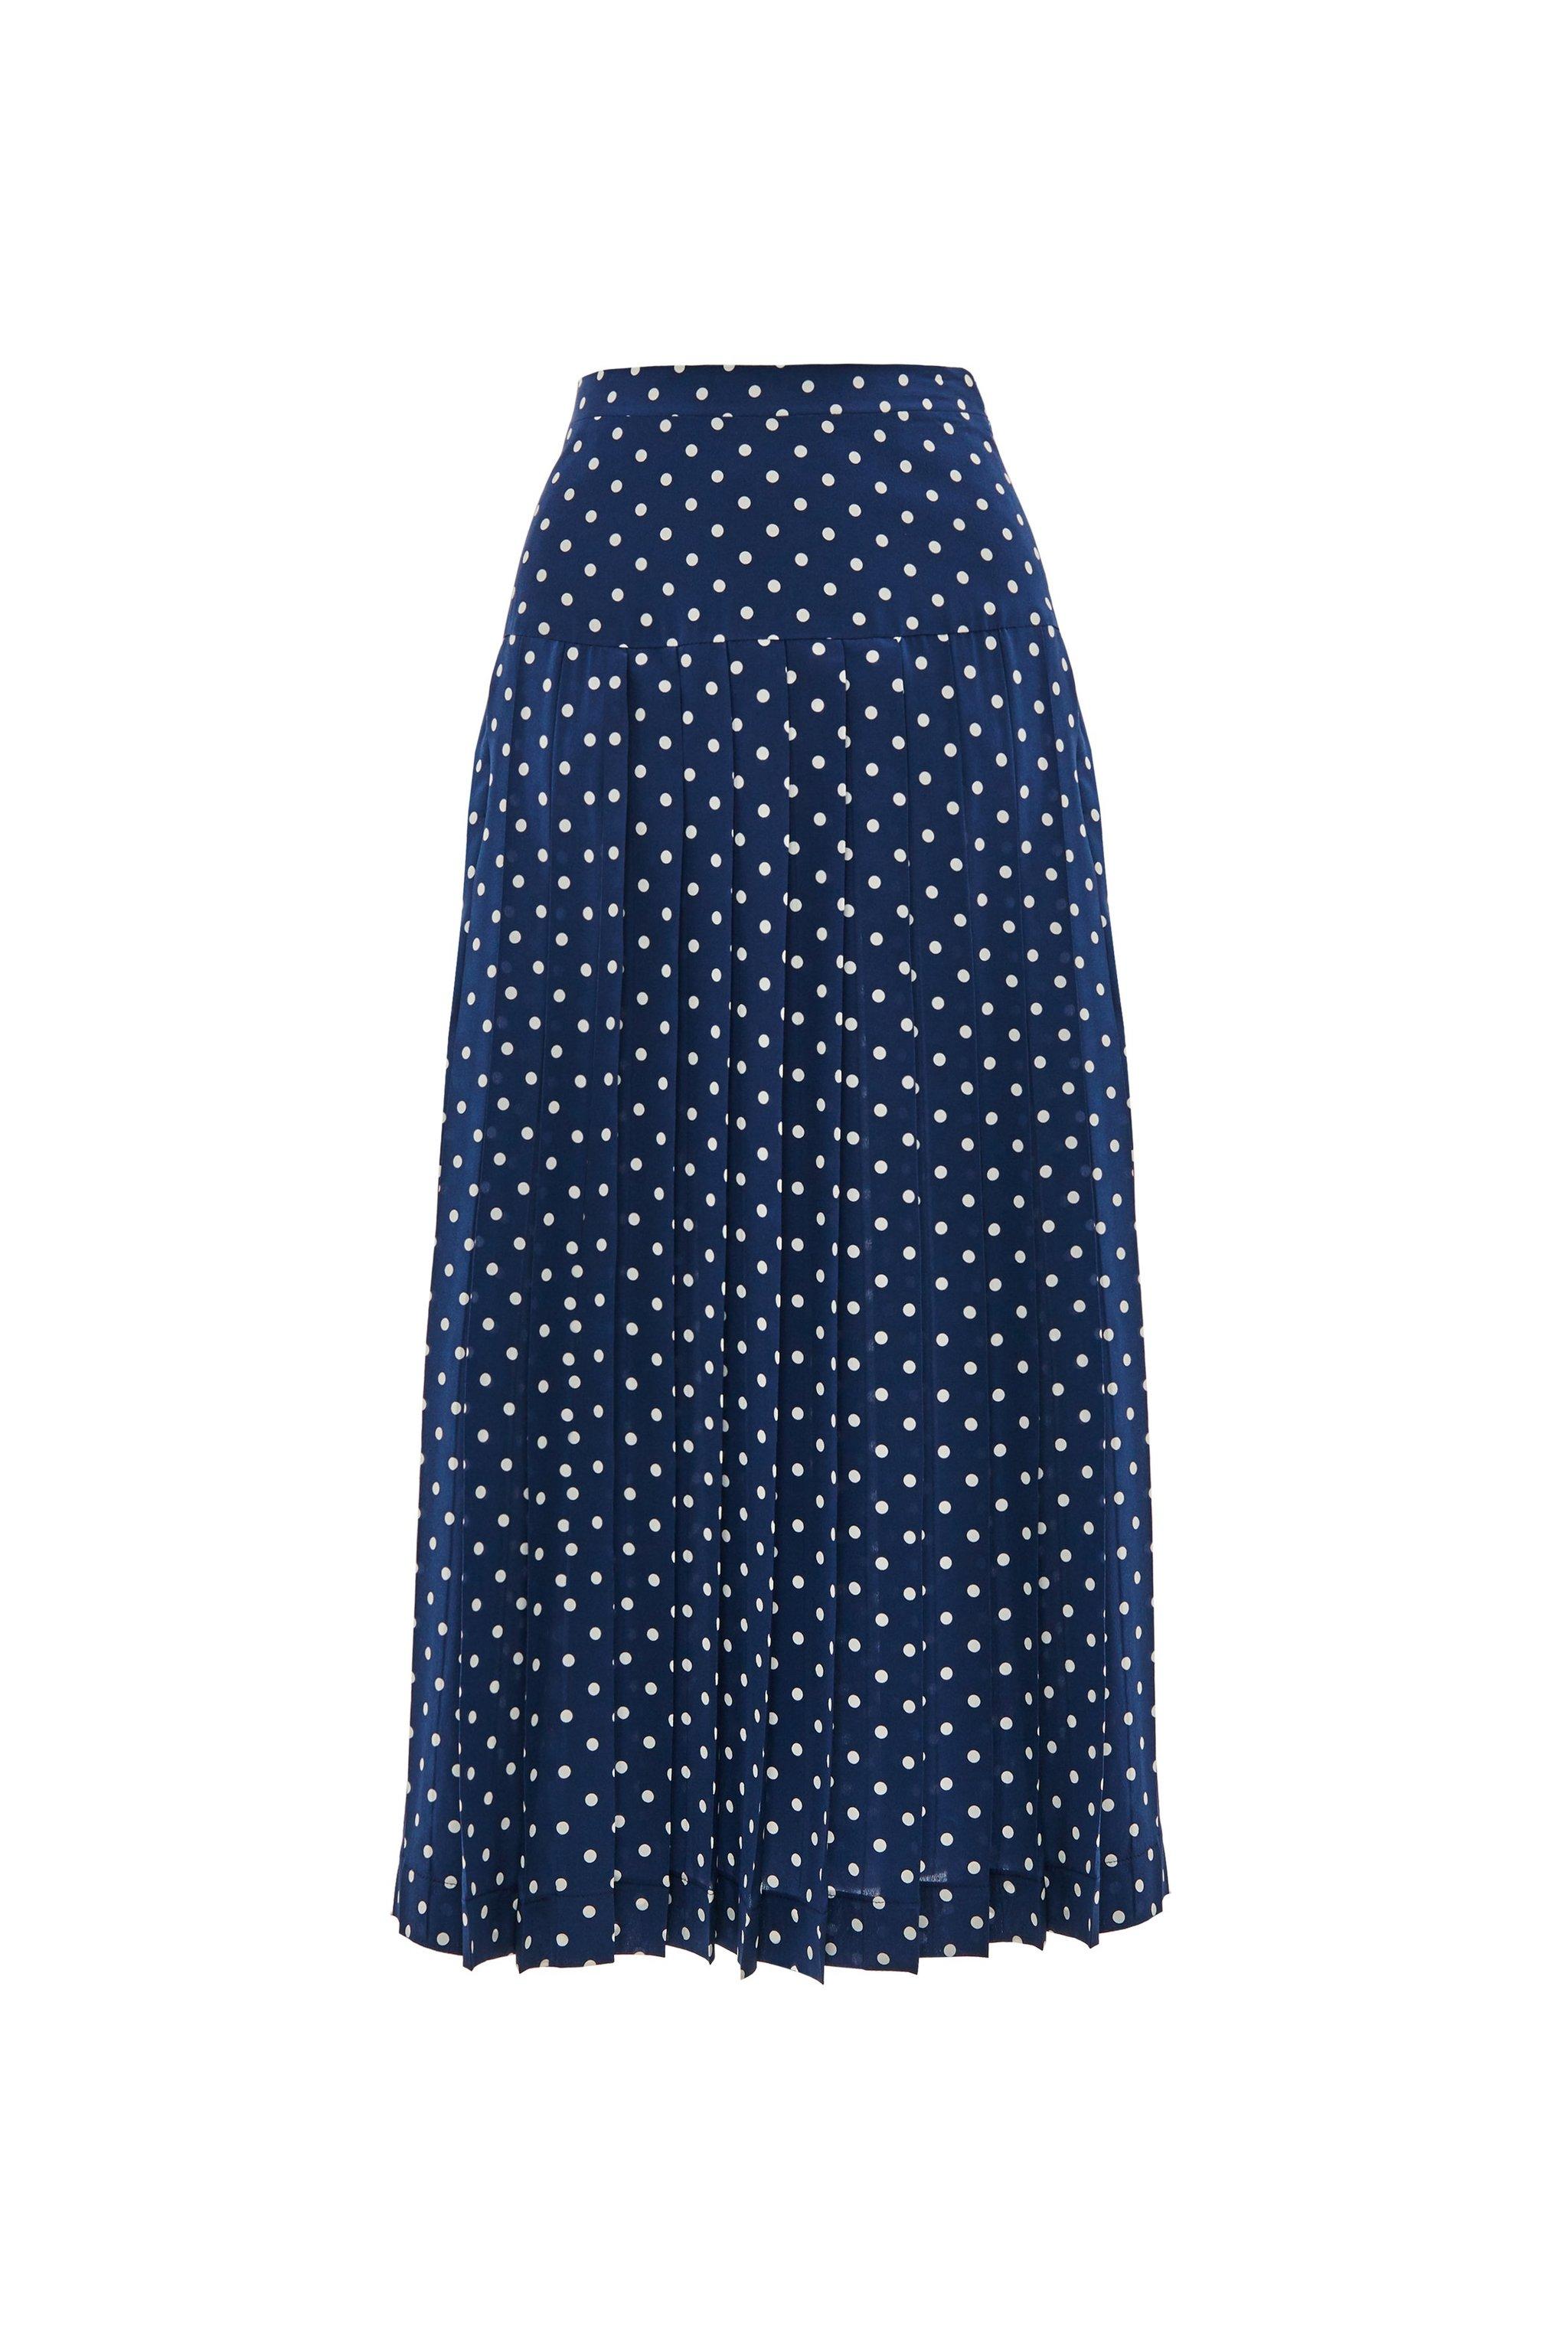 La falda plisada de lunares blancos sobre fondo azul marino en tejido de seda de Alessandra Rich (622 euros).